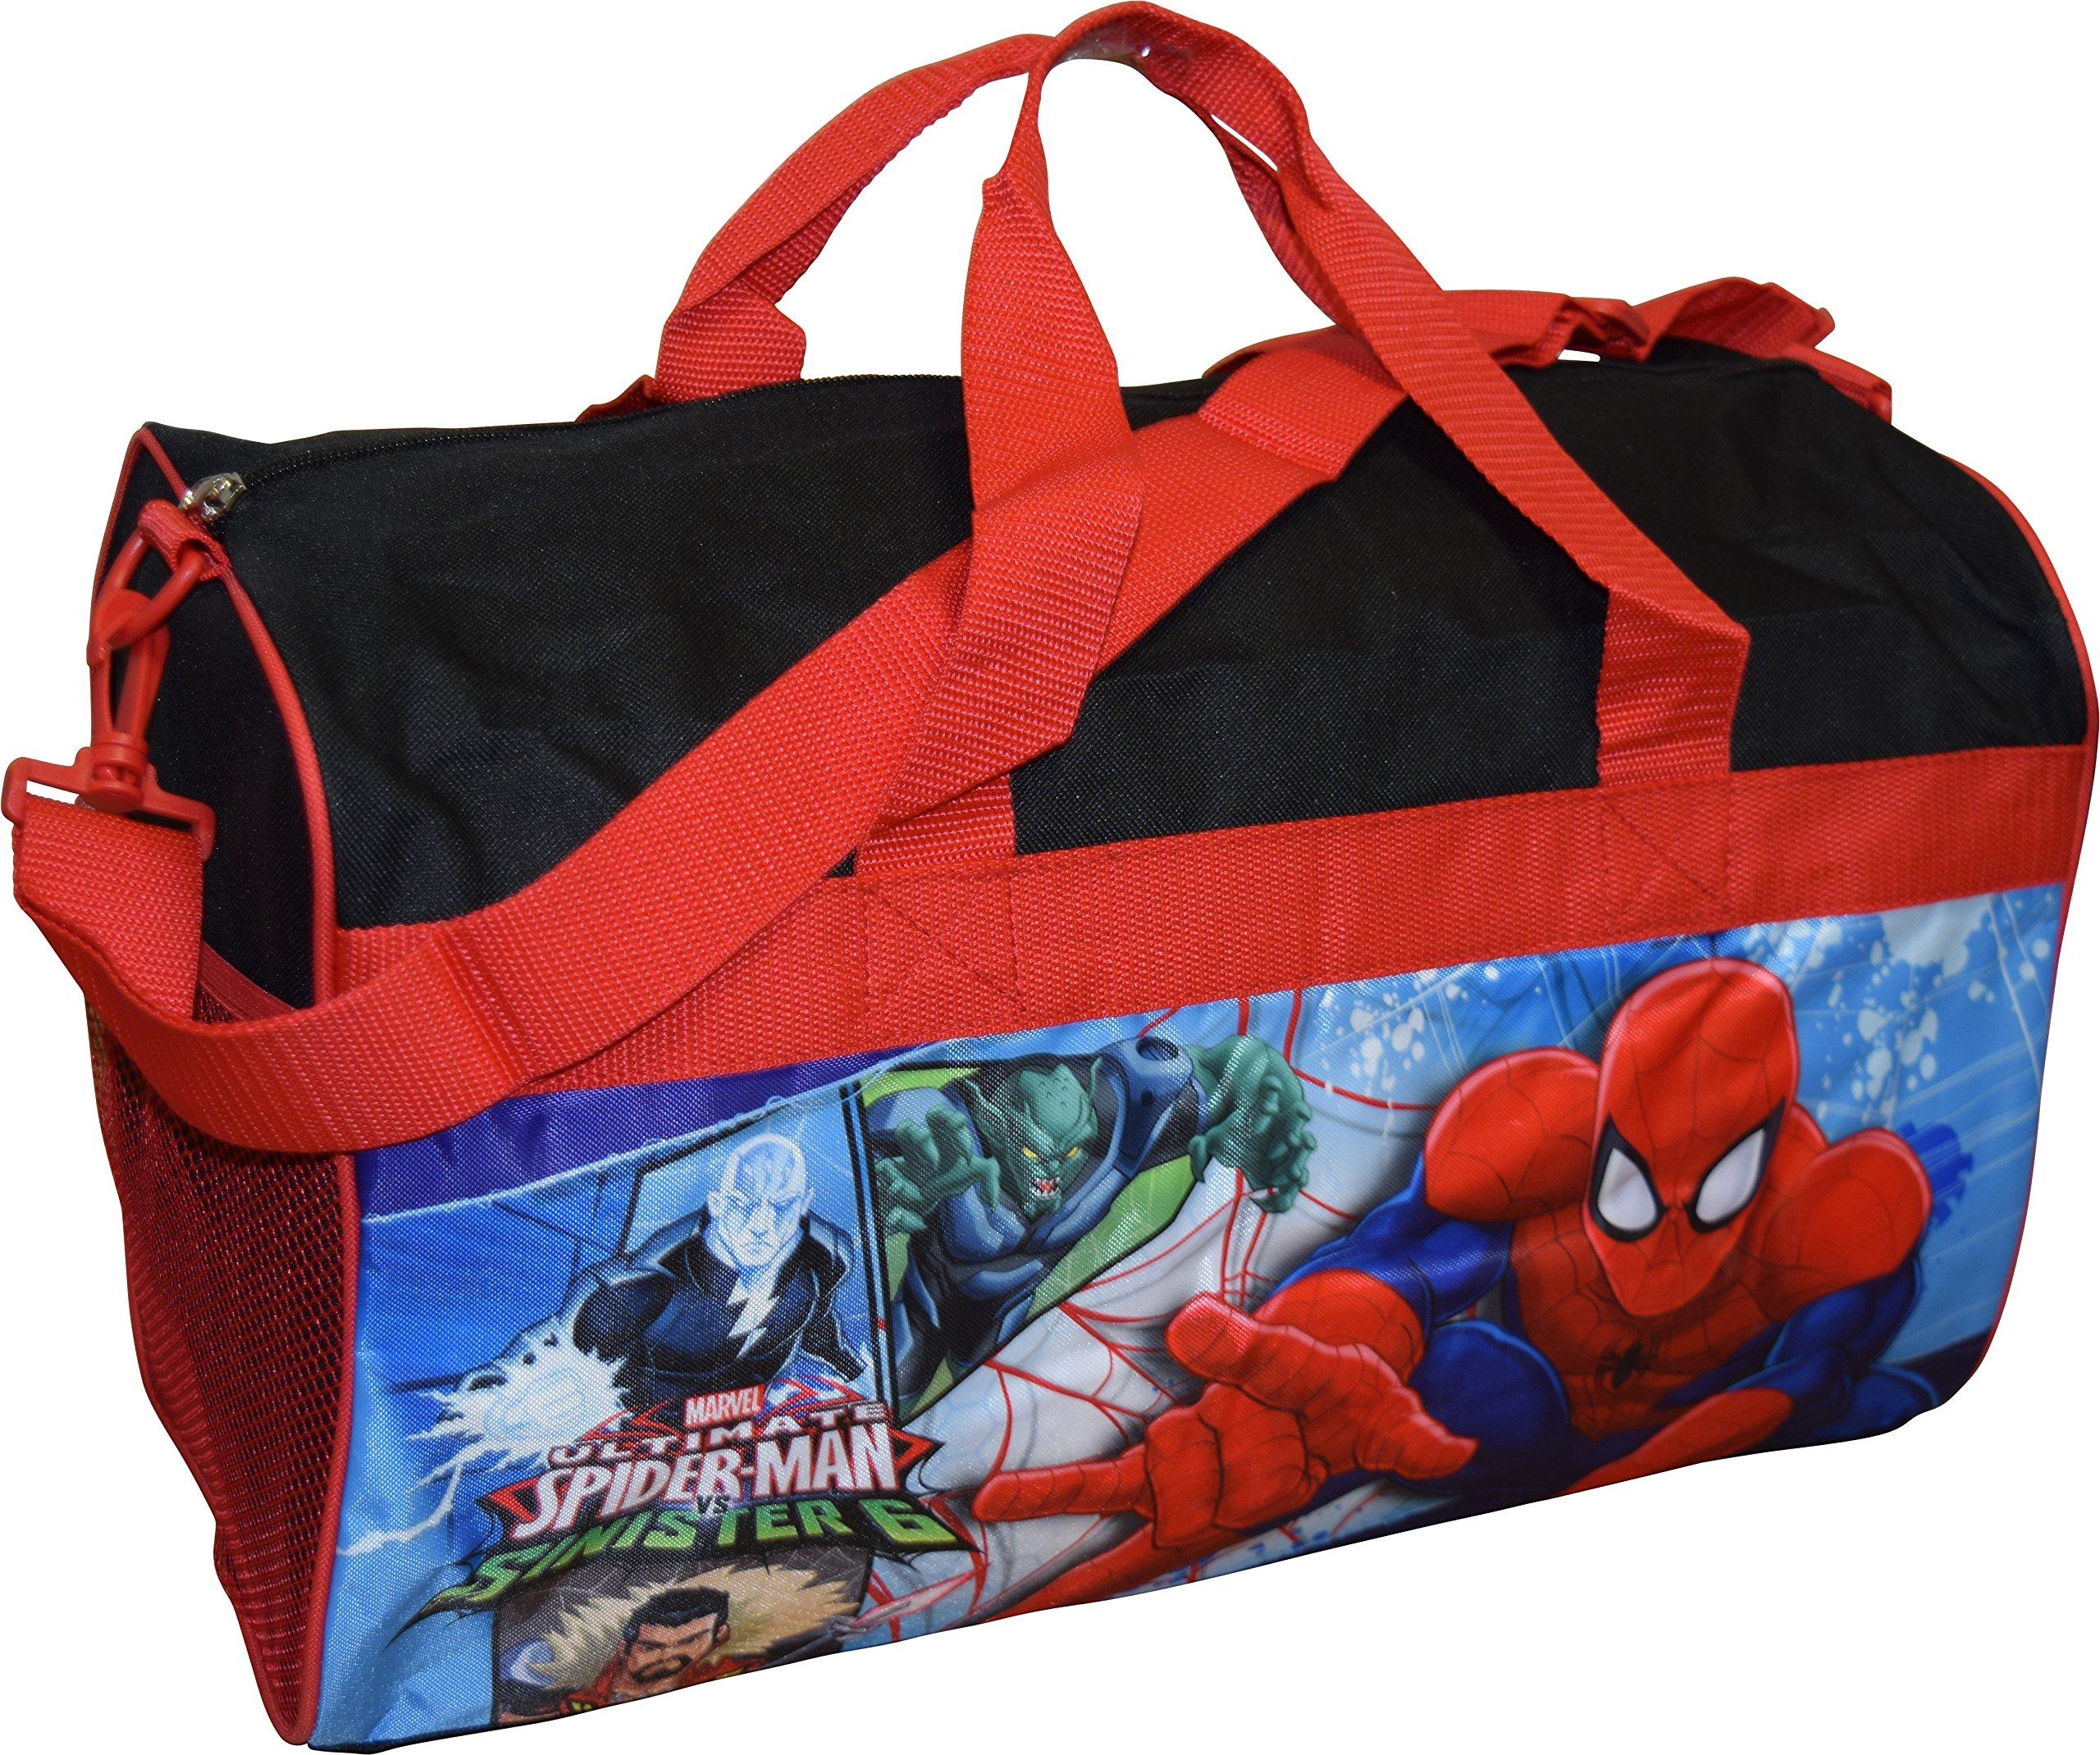 aba4542a0ec5 Get Quotations · Marvel Spiderman 18